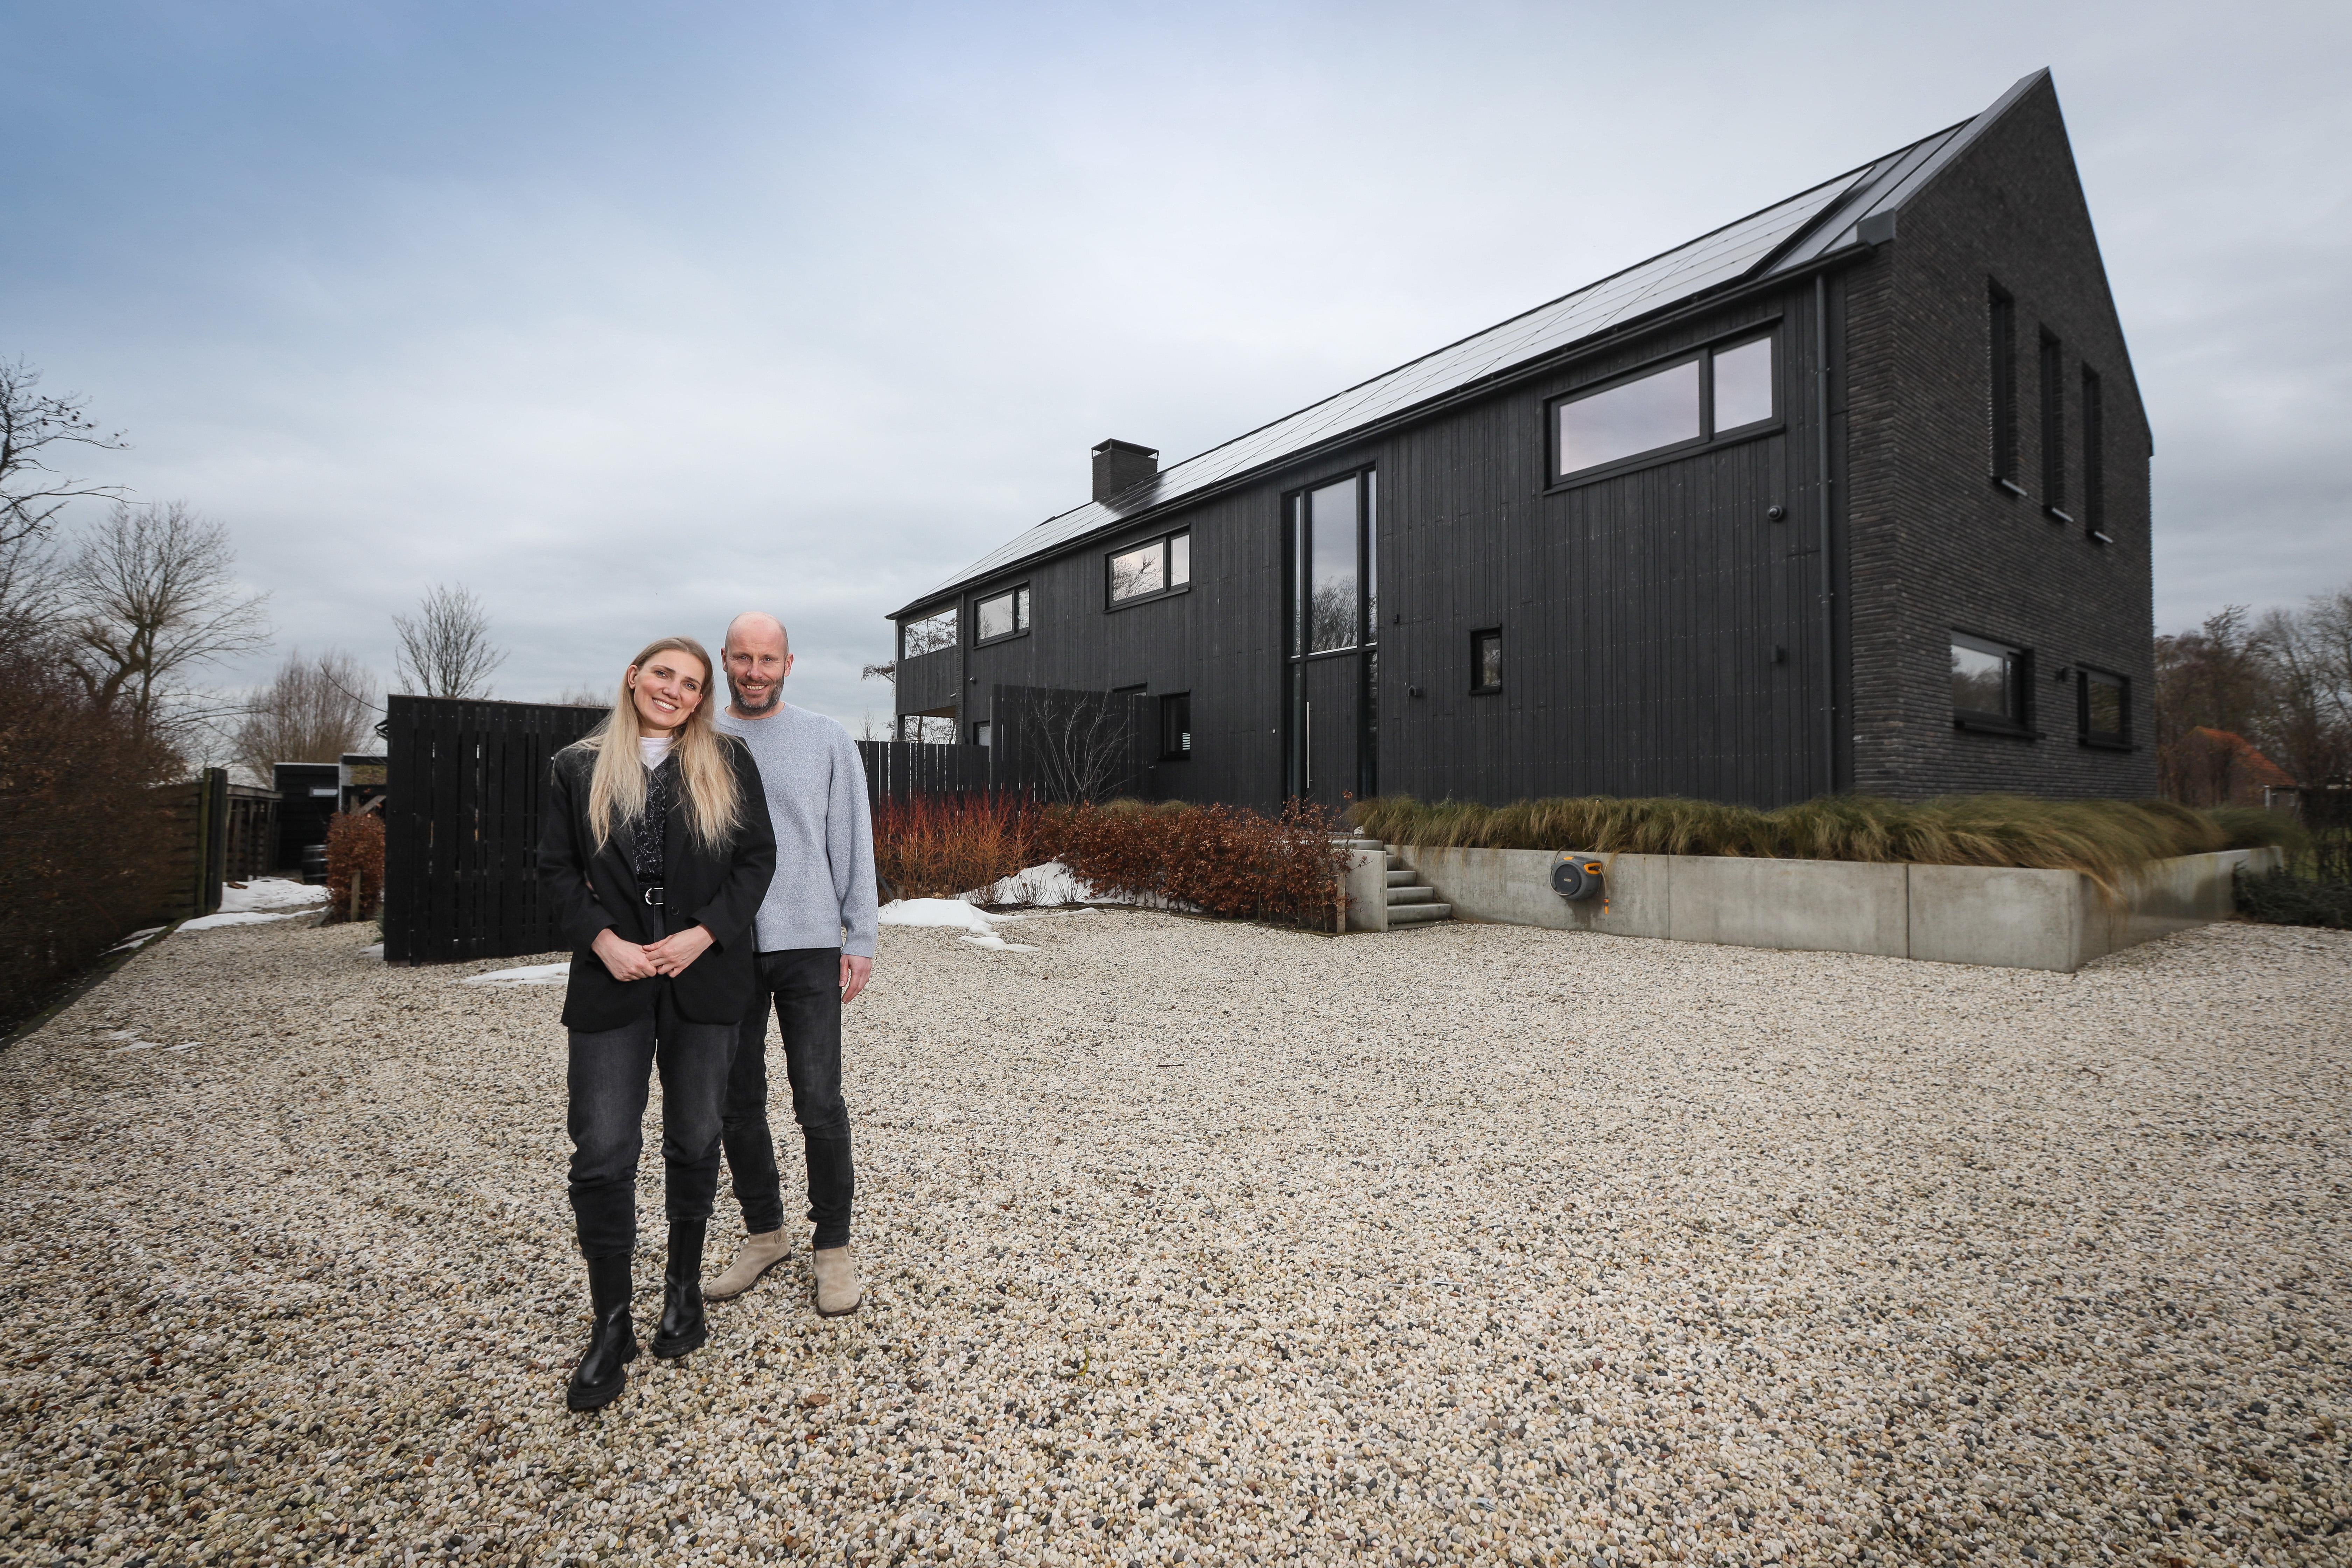 Michel en Rianne gingen van Amsterdam naar een stiltegebied in Hoogwoud. 'Heerlijk hier'